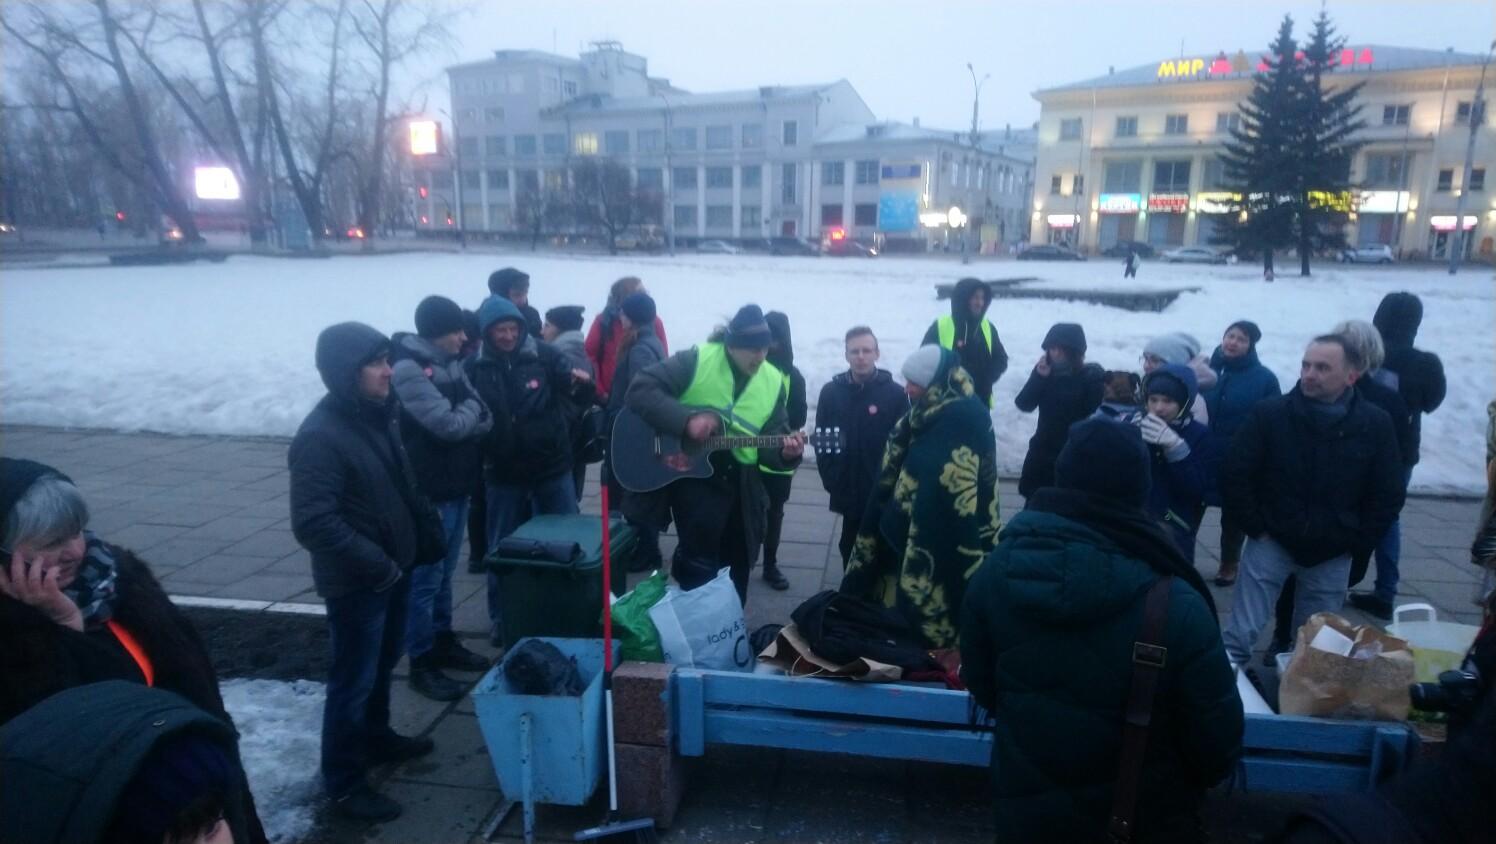 фото ЗакС политика В Архангельске продолжается бессрочный протест против завоза московского мусора